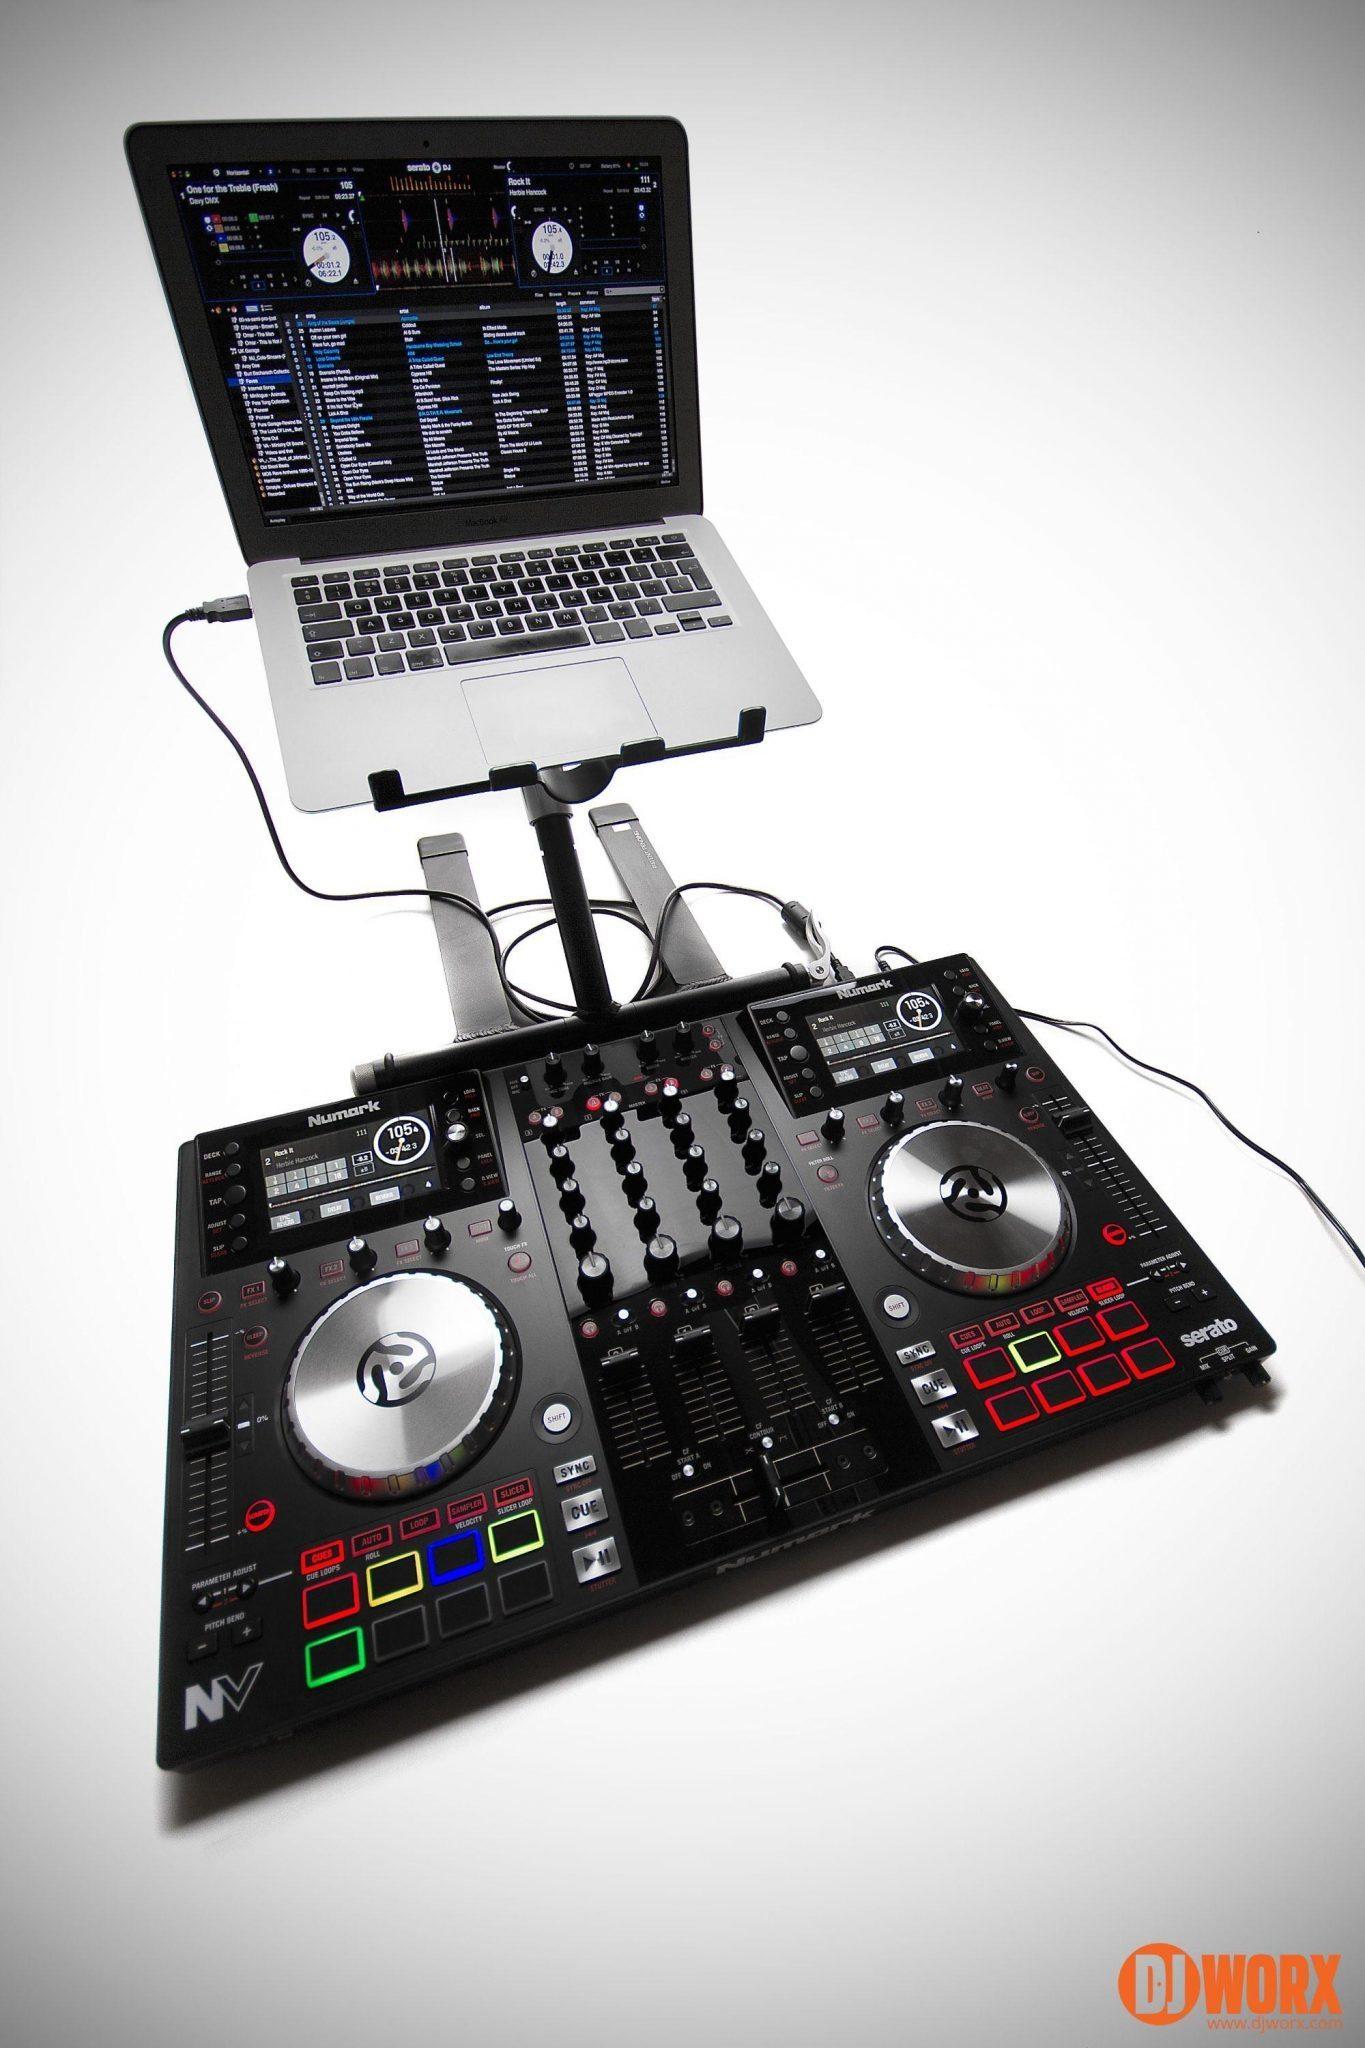 Numark NV Serato DJ controller review (10)